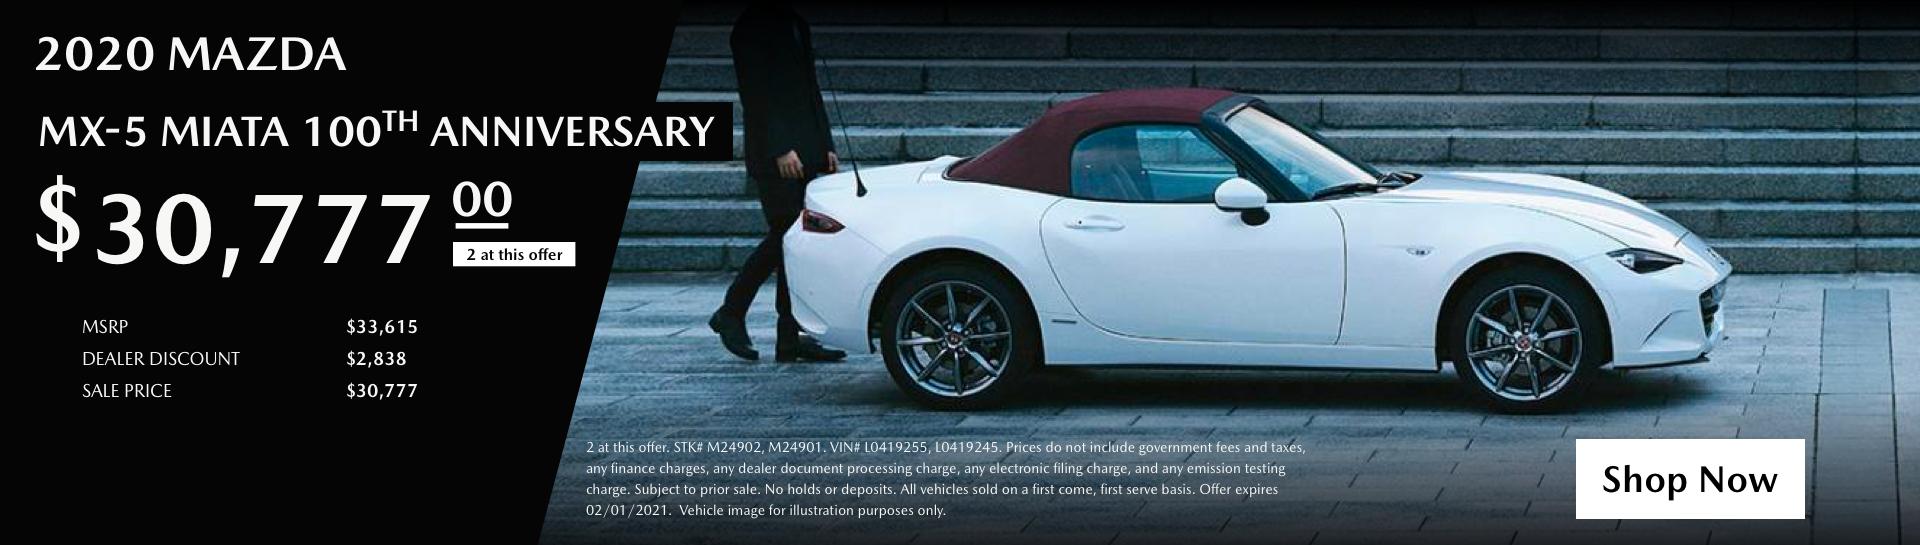 Januay 2020 Mazda Miata 100th Anniversaryv2